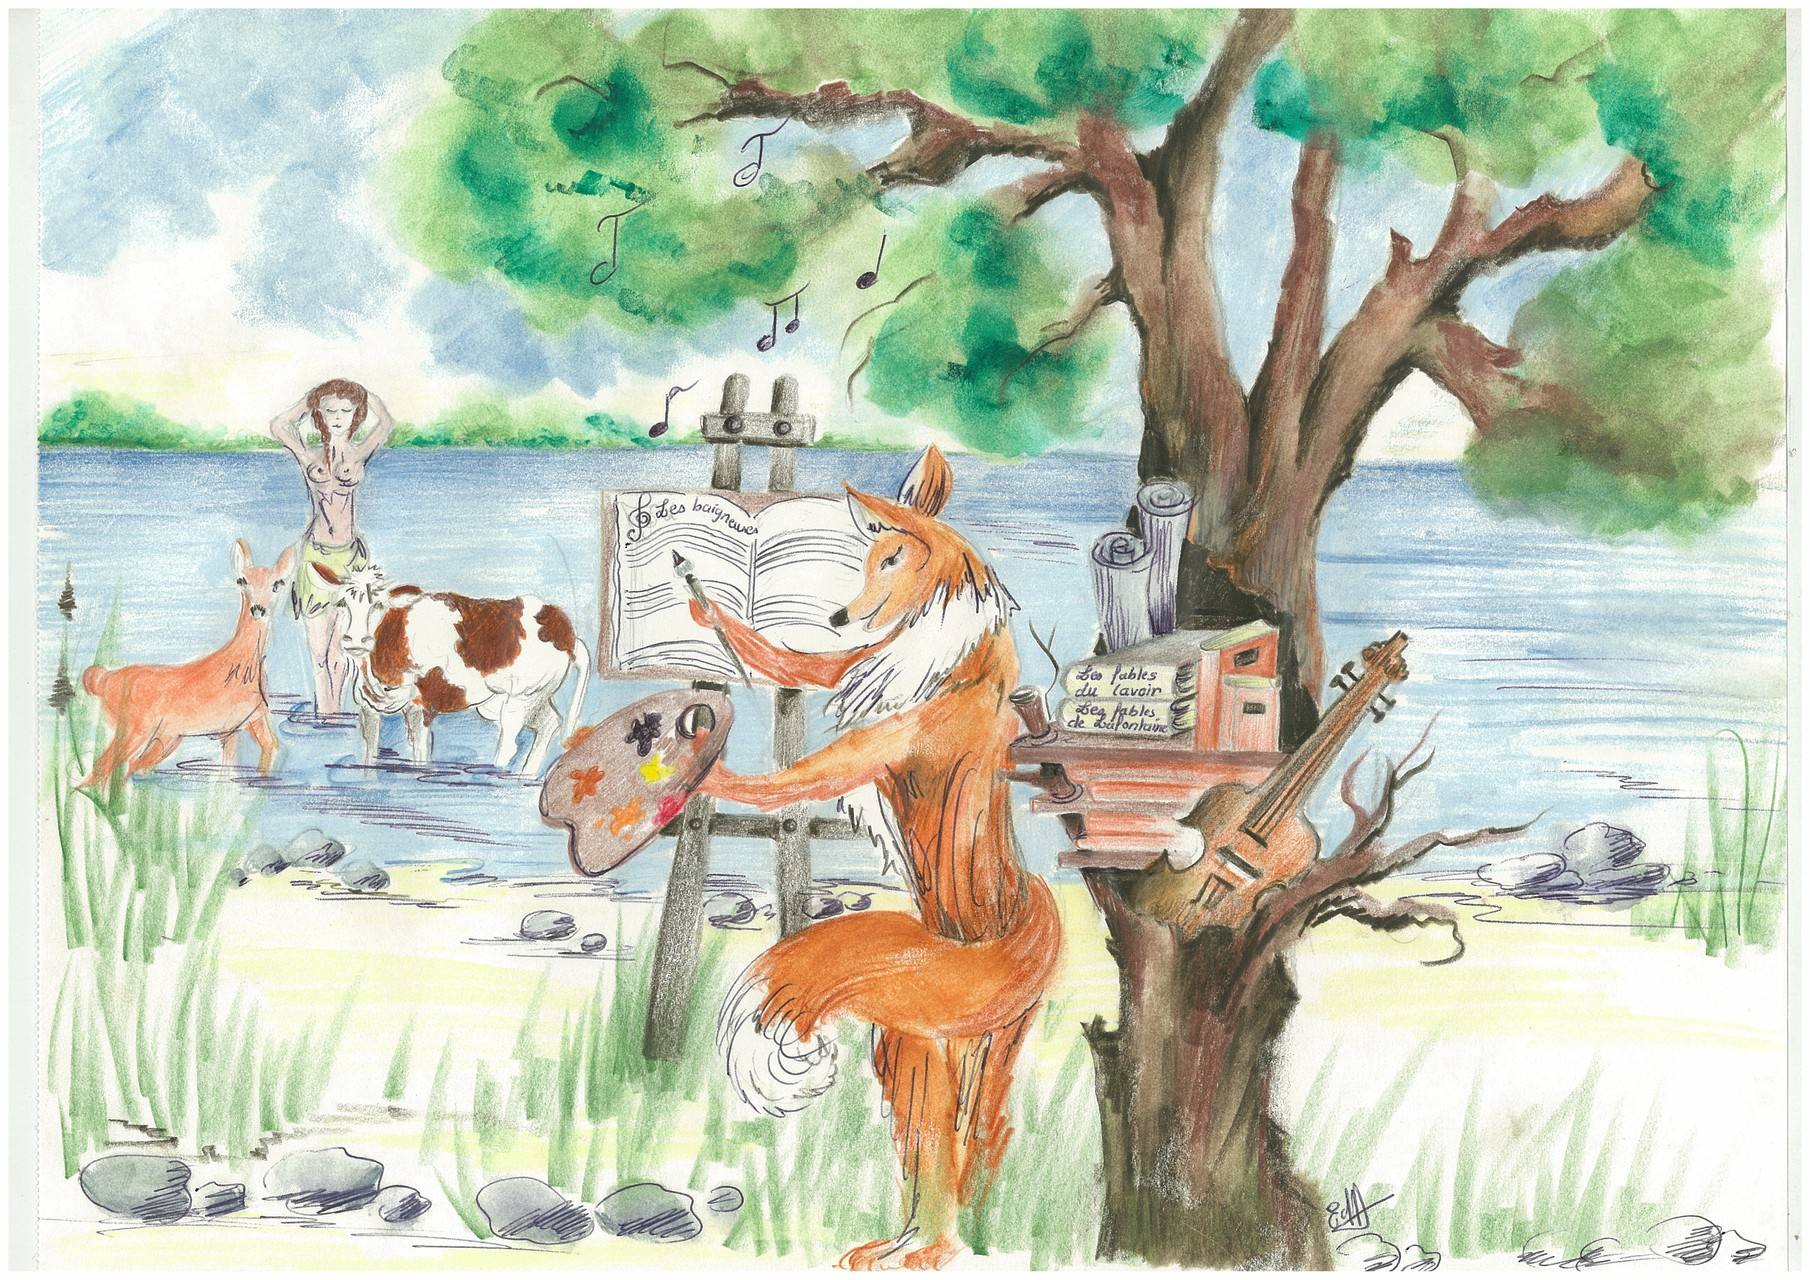 Le renard poète travaillant à son poème Les baigneuses